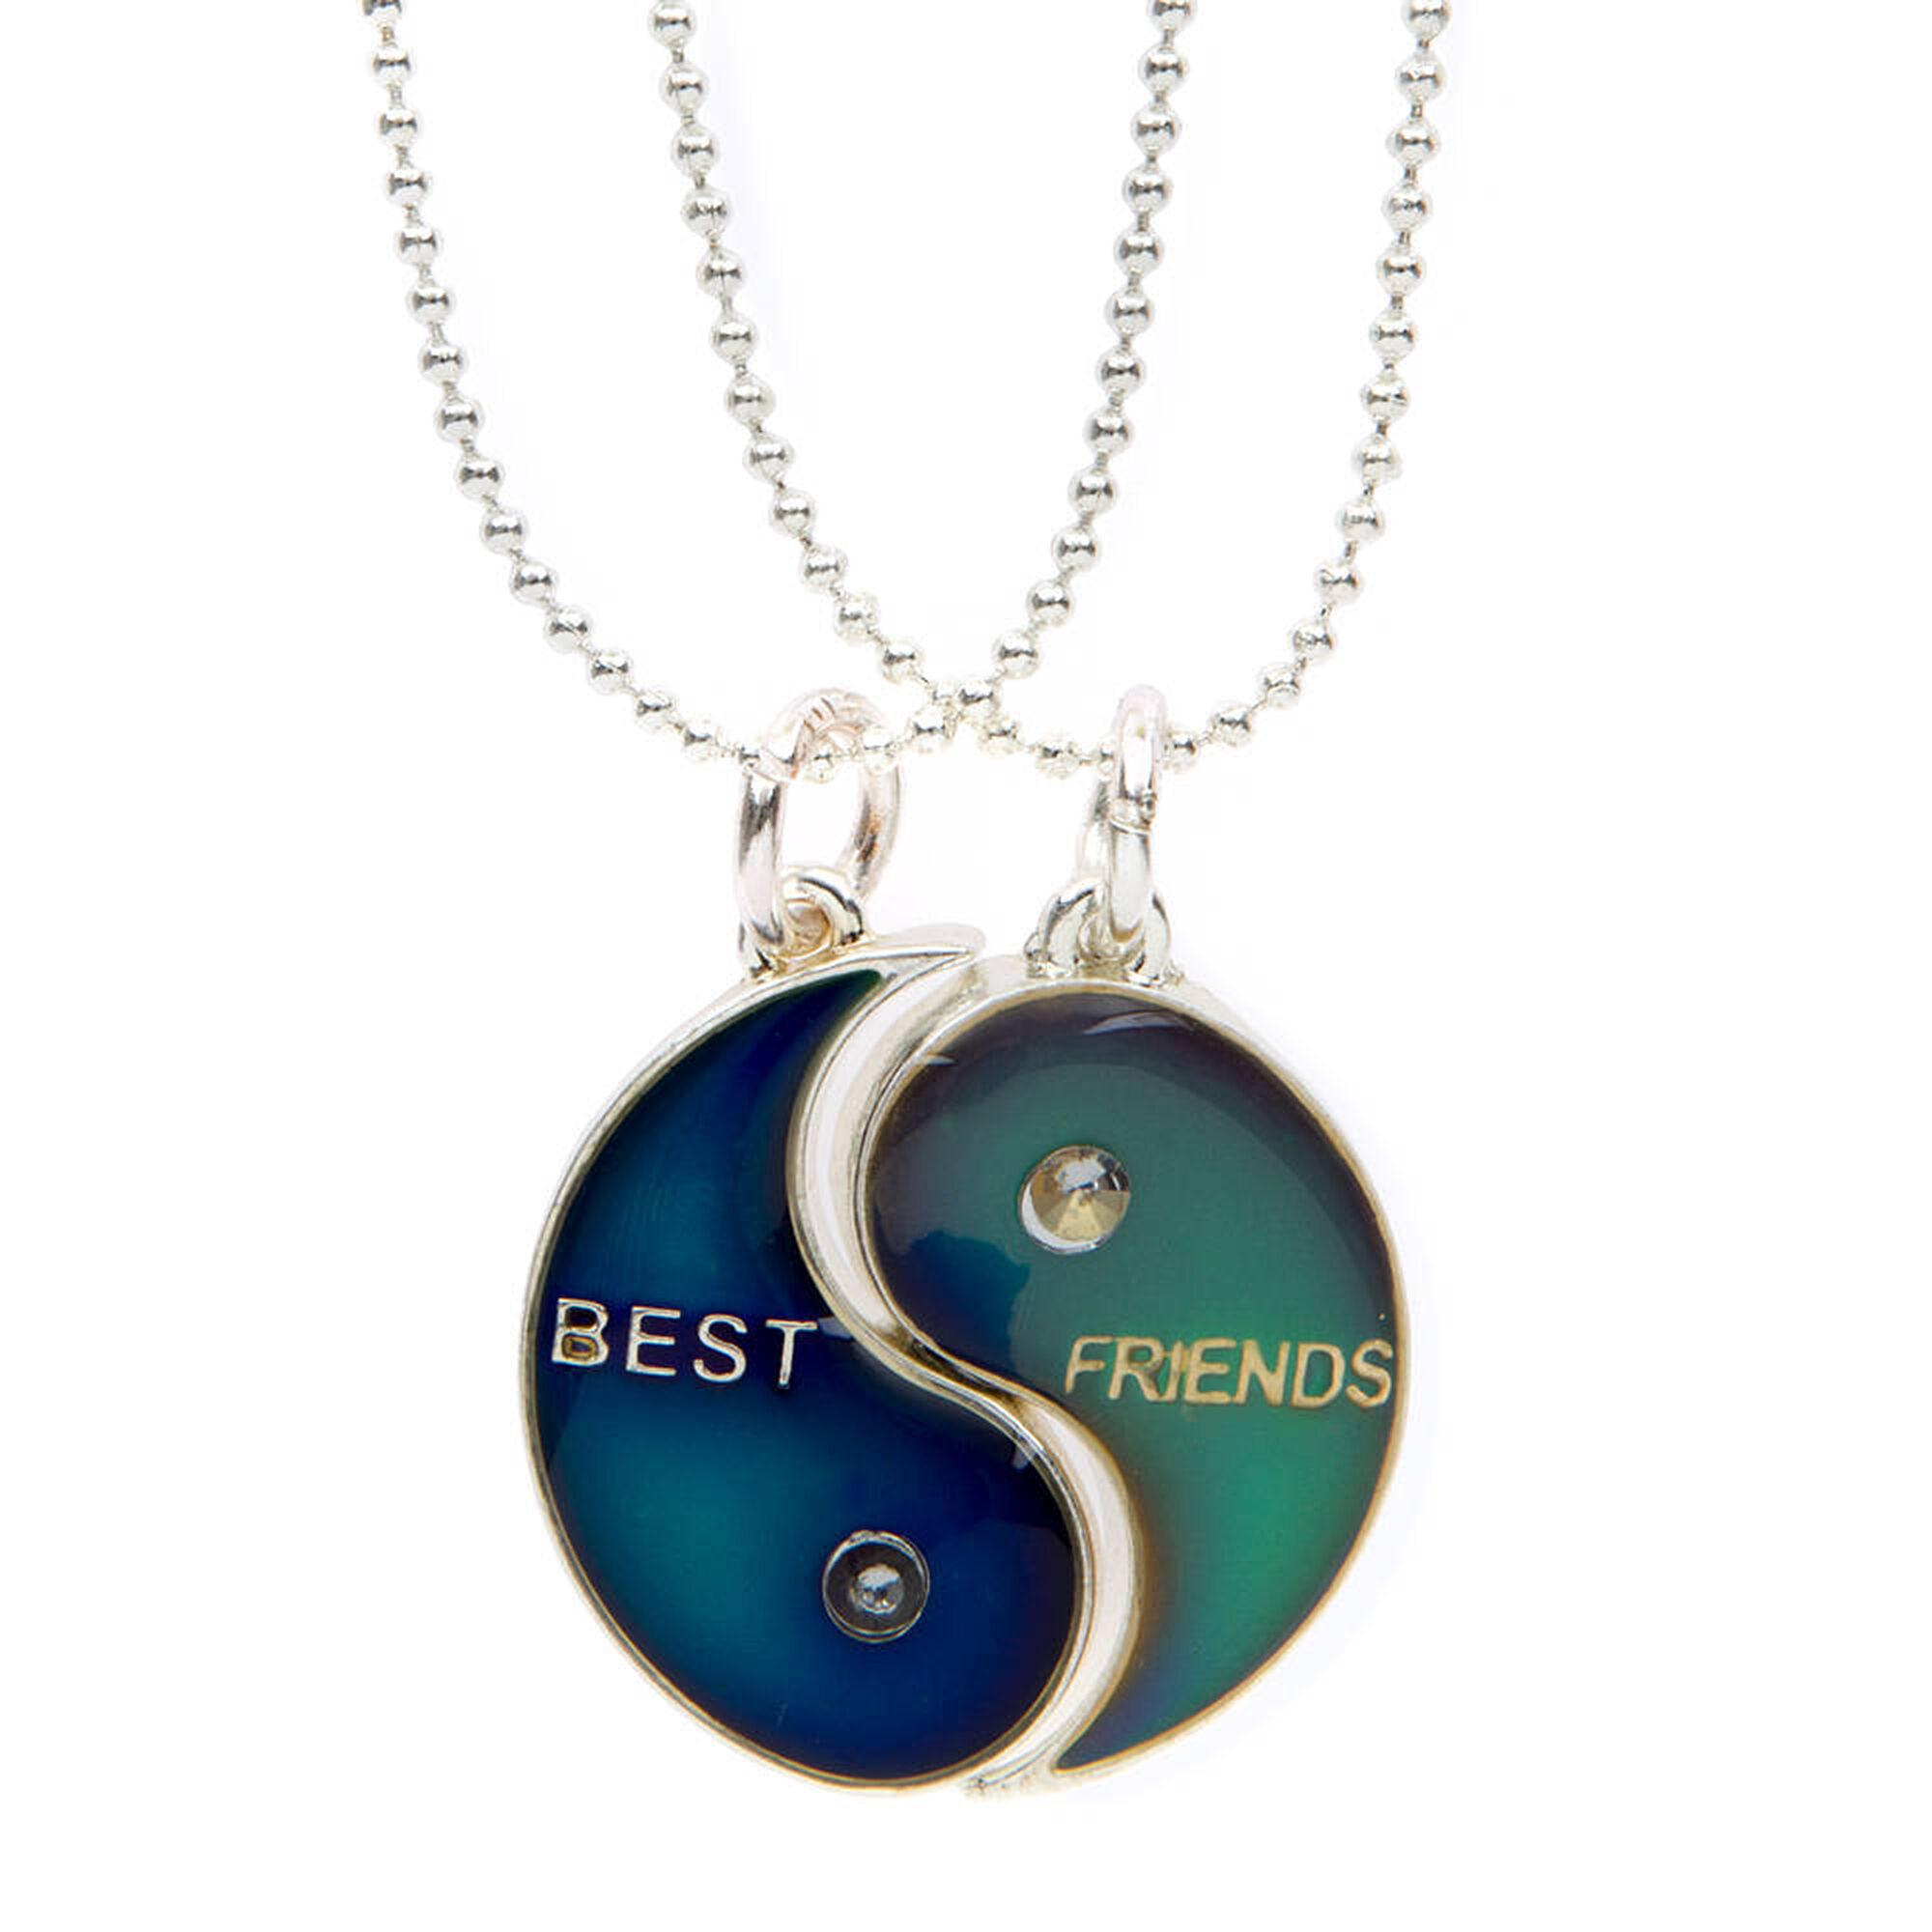 Best Friends Yin Yang Mood Pendant Necklace Claire S Us